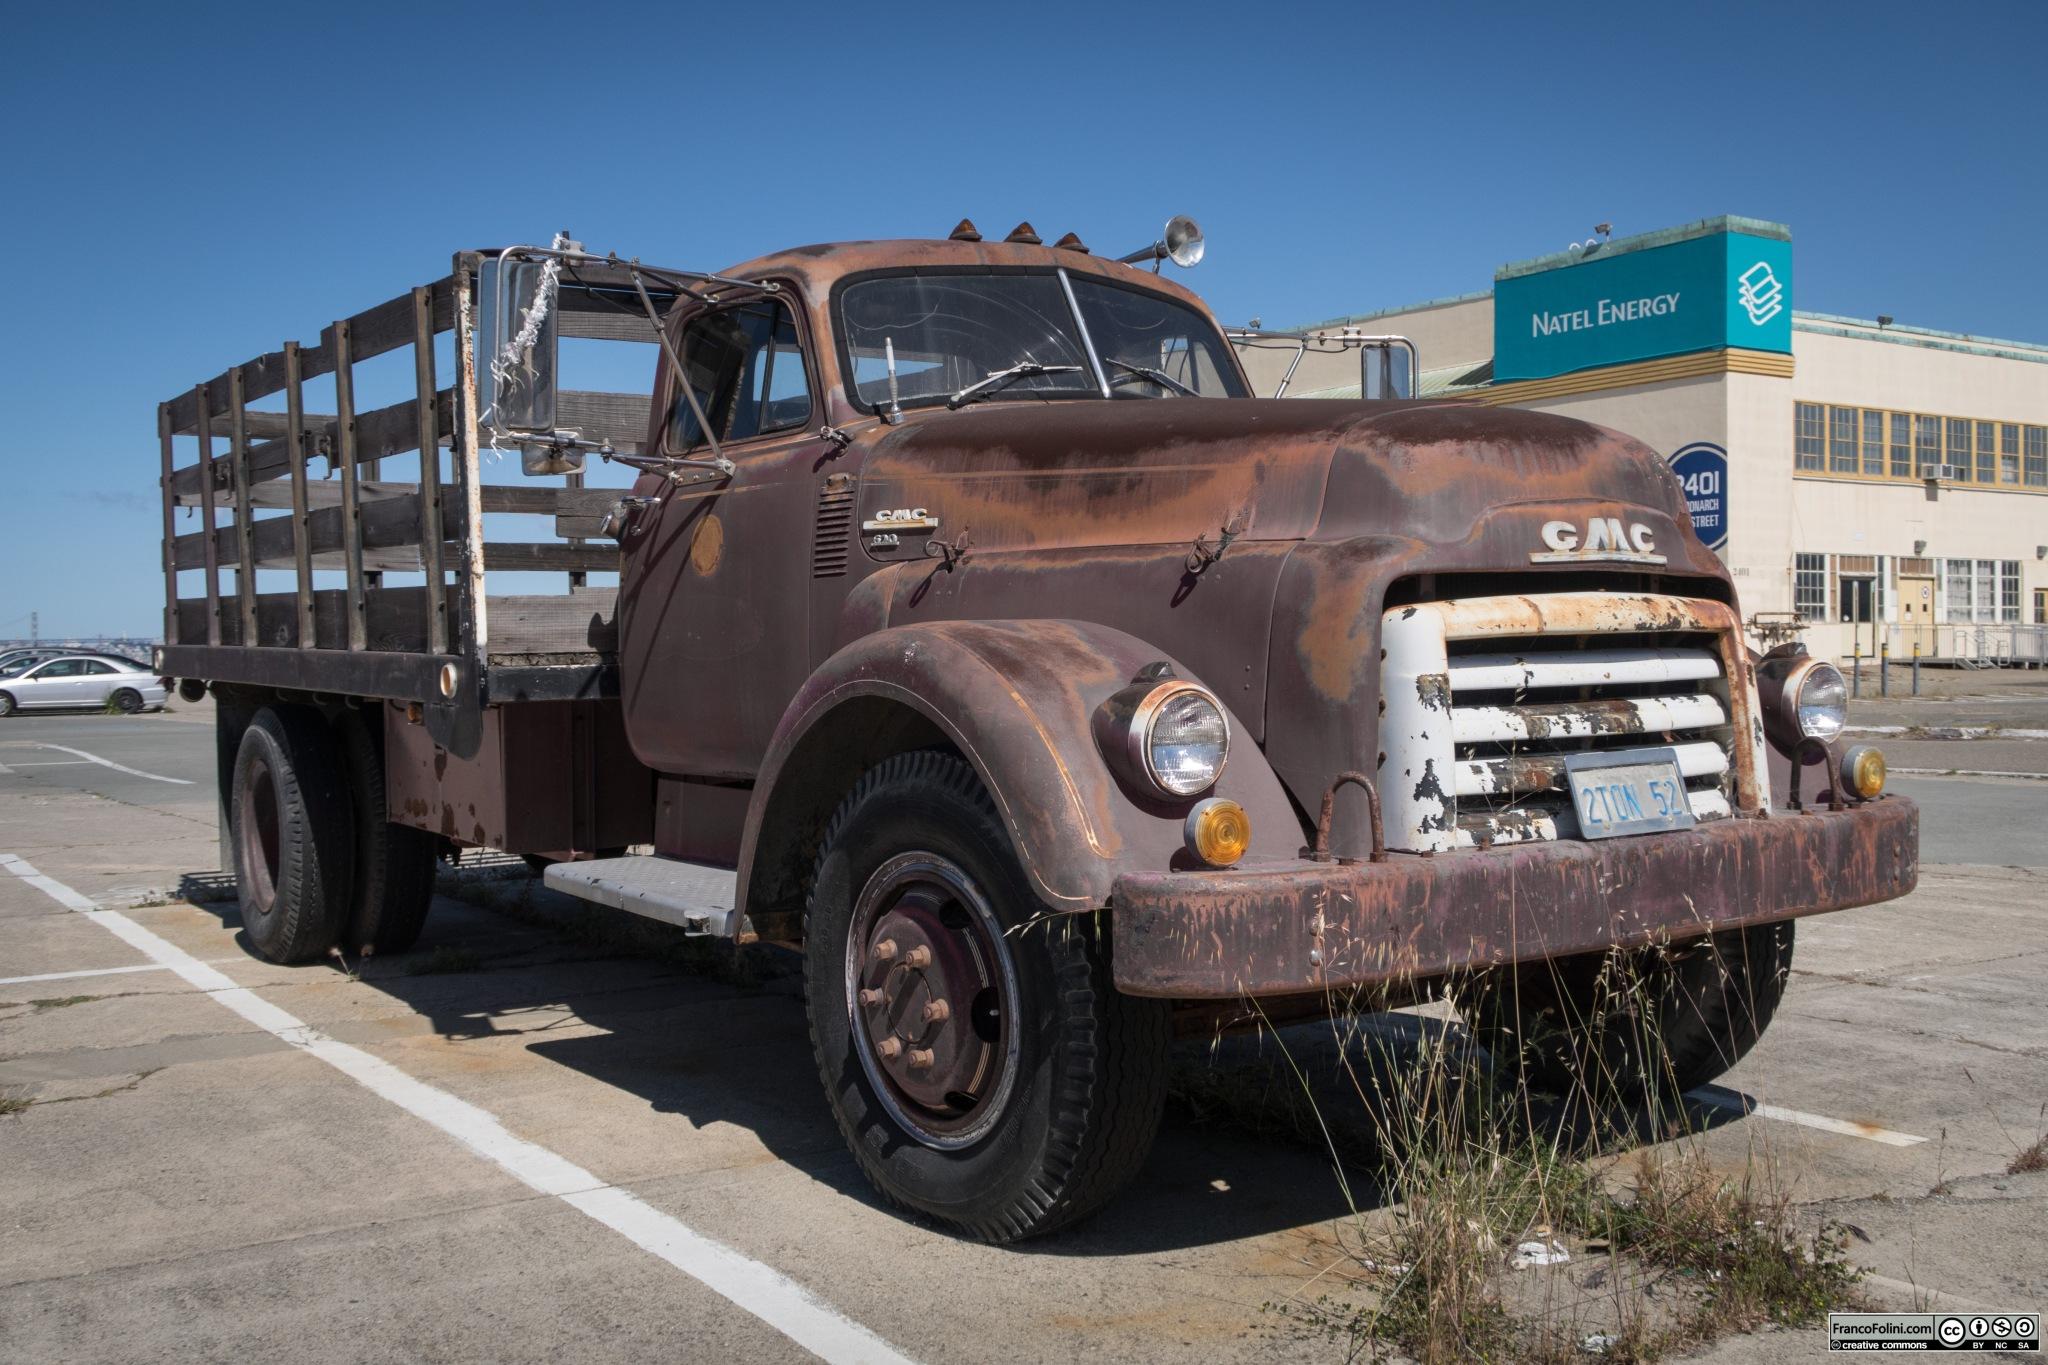 Vecchio camion GMC 620 degli anni '50 abbandonato in uno dei piazzali della ex base militare. Alcune delle grandi strutture della base militare sono state recentemente occupate da una casa vinicola e da un birrificio locali portando nuova vita a questa zona della città.